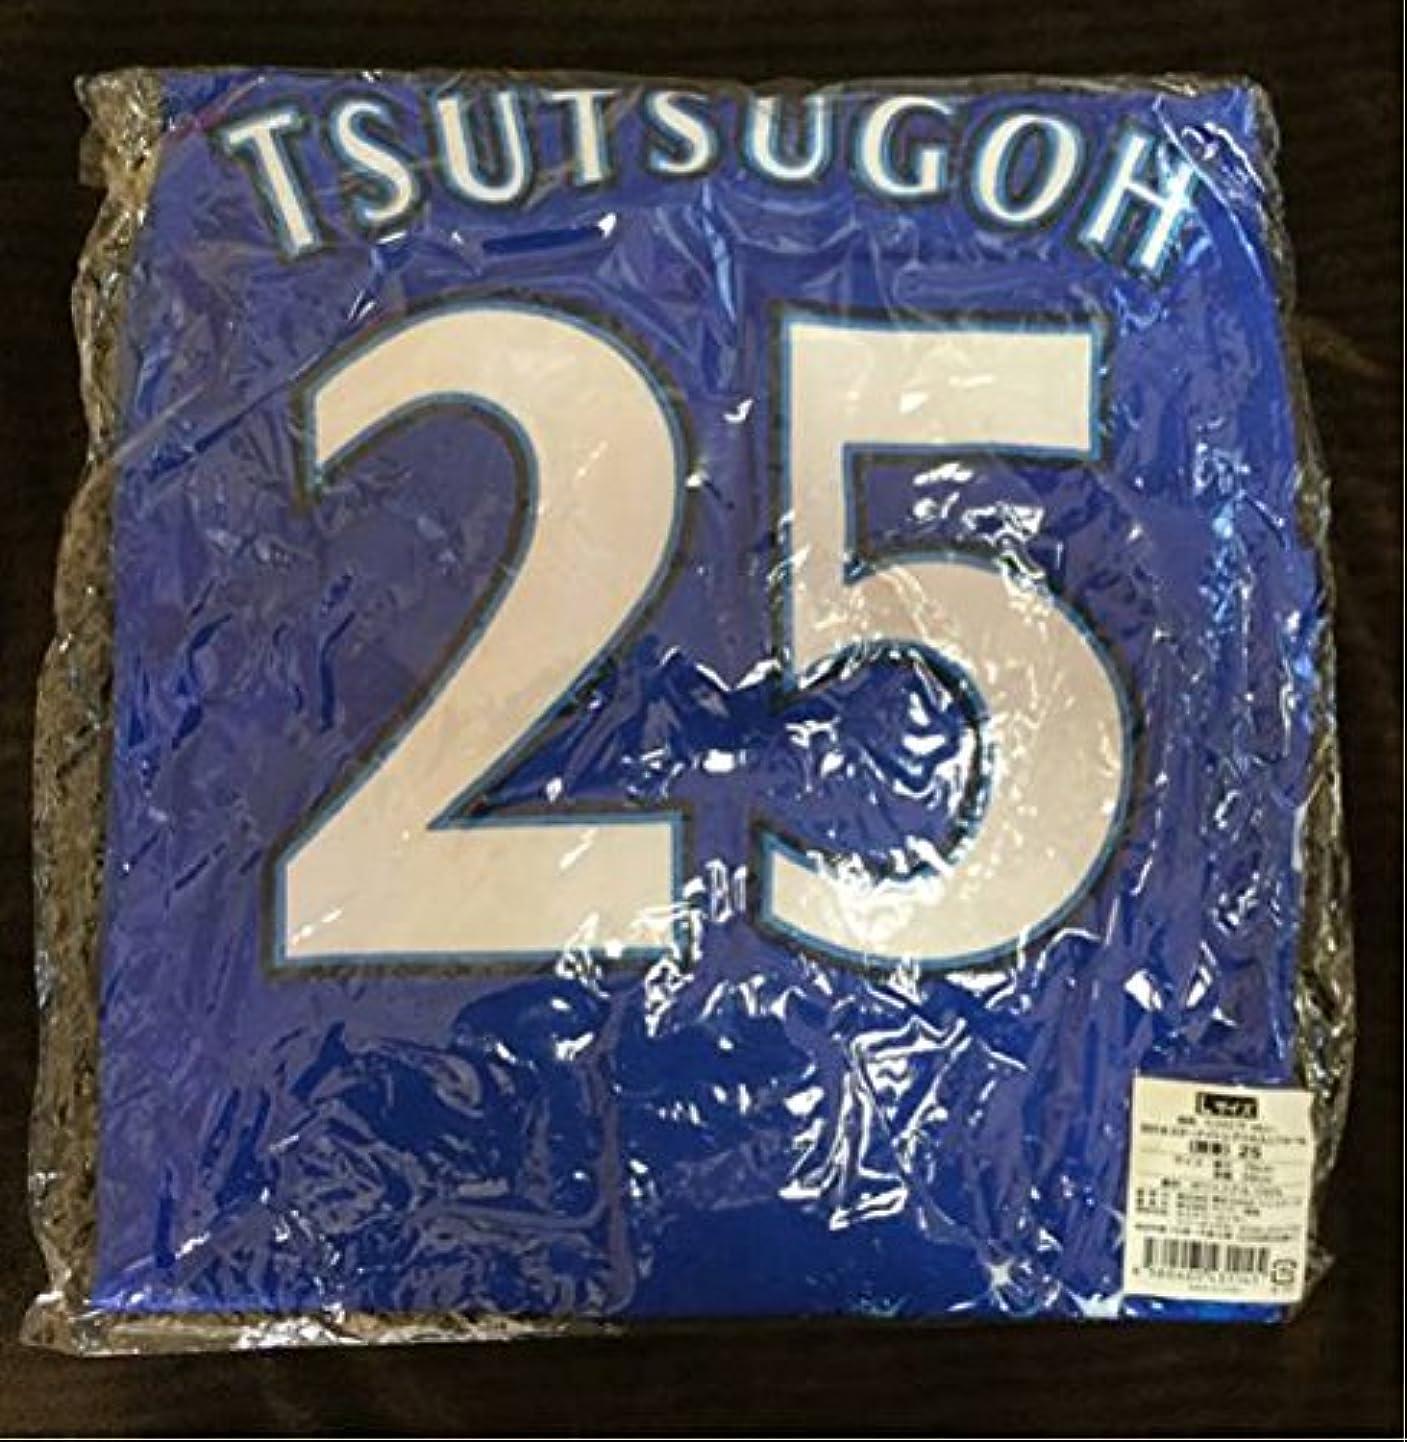 横浜ベイスターズ スターナイトユニフォーム #25筒香 Lサイズ